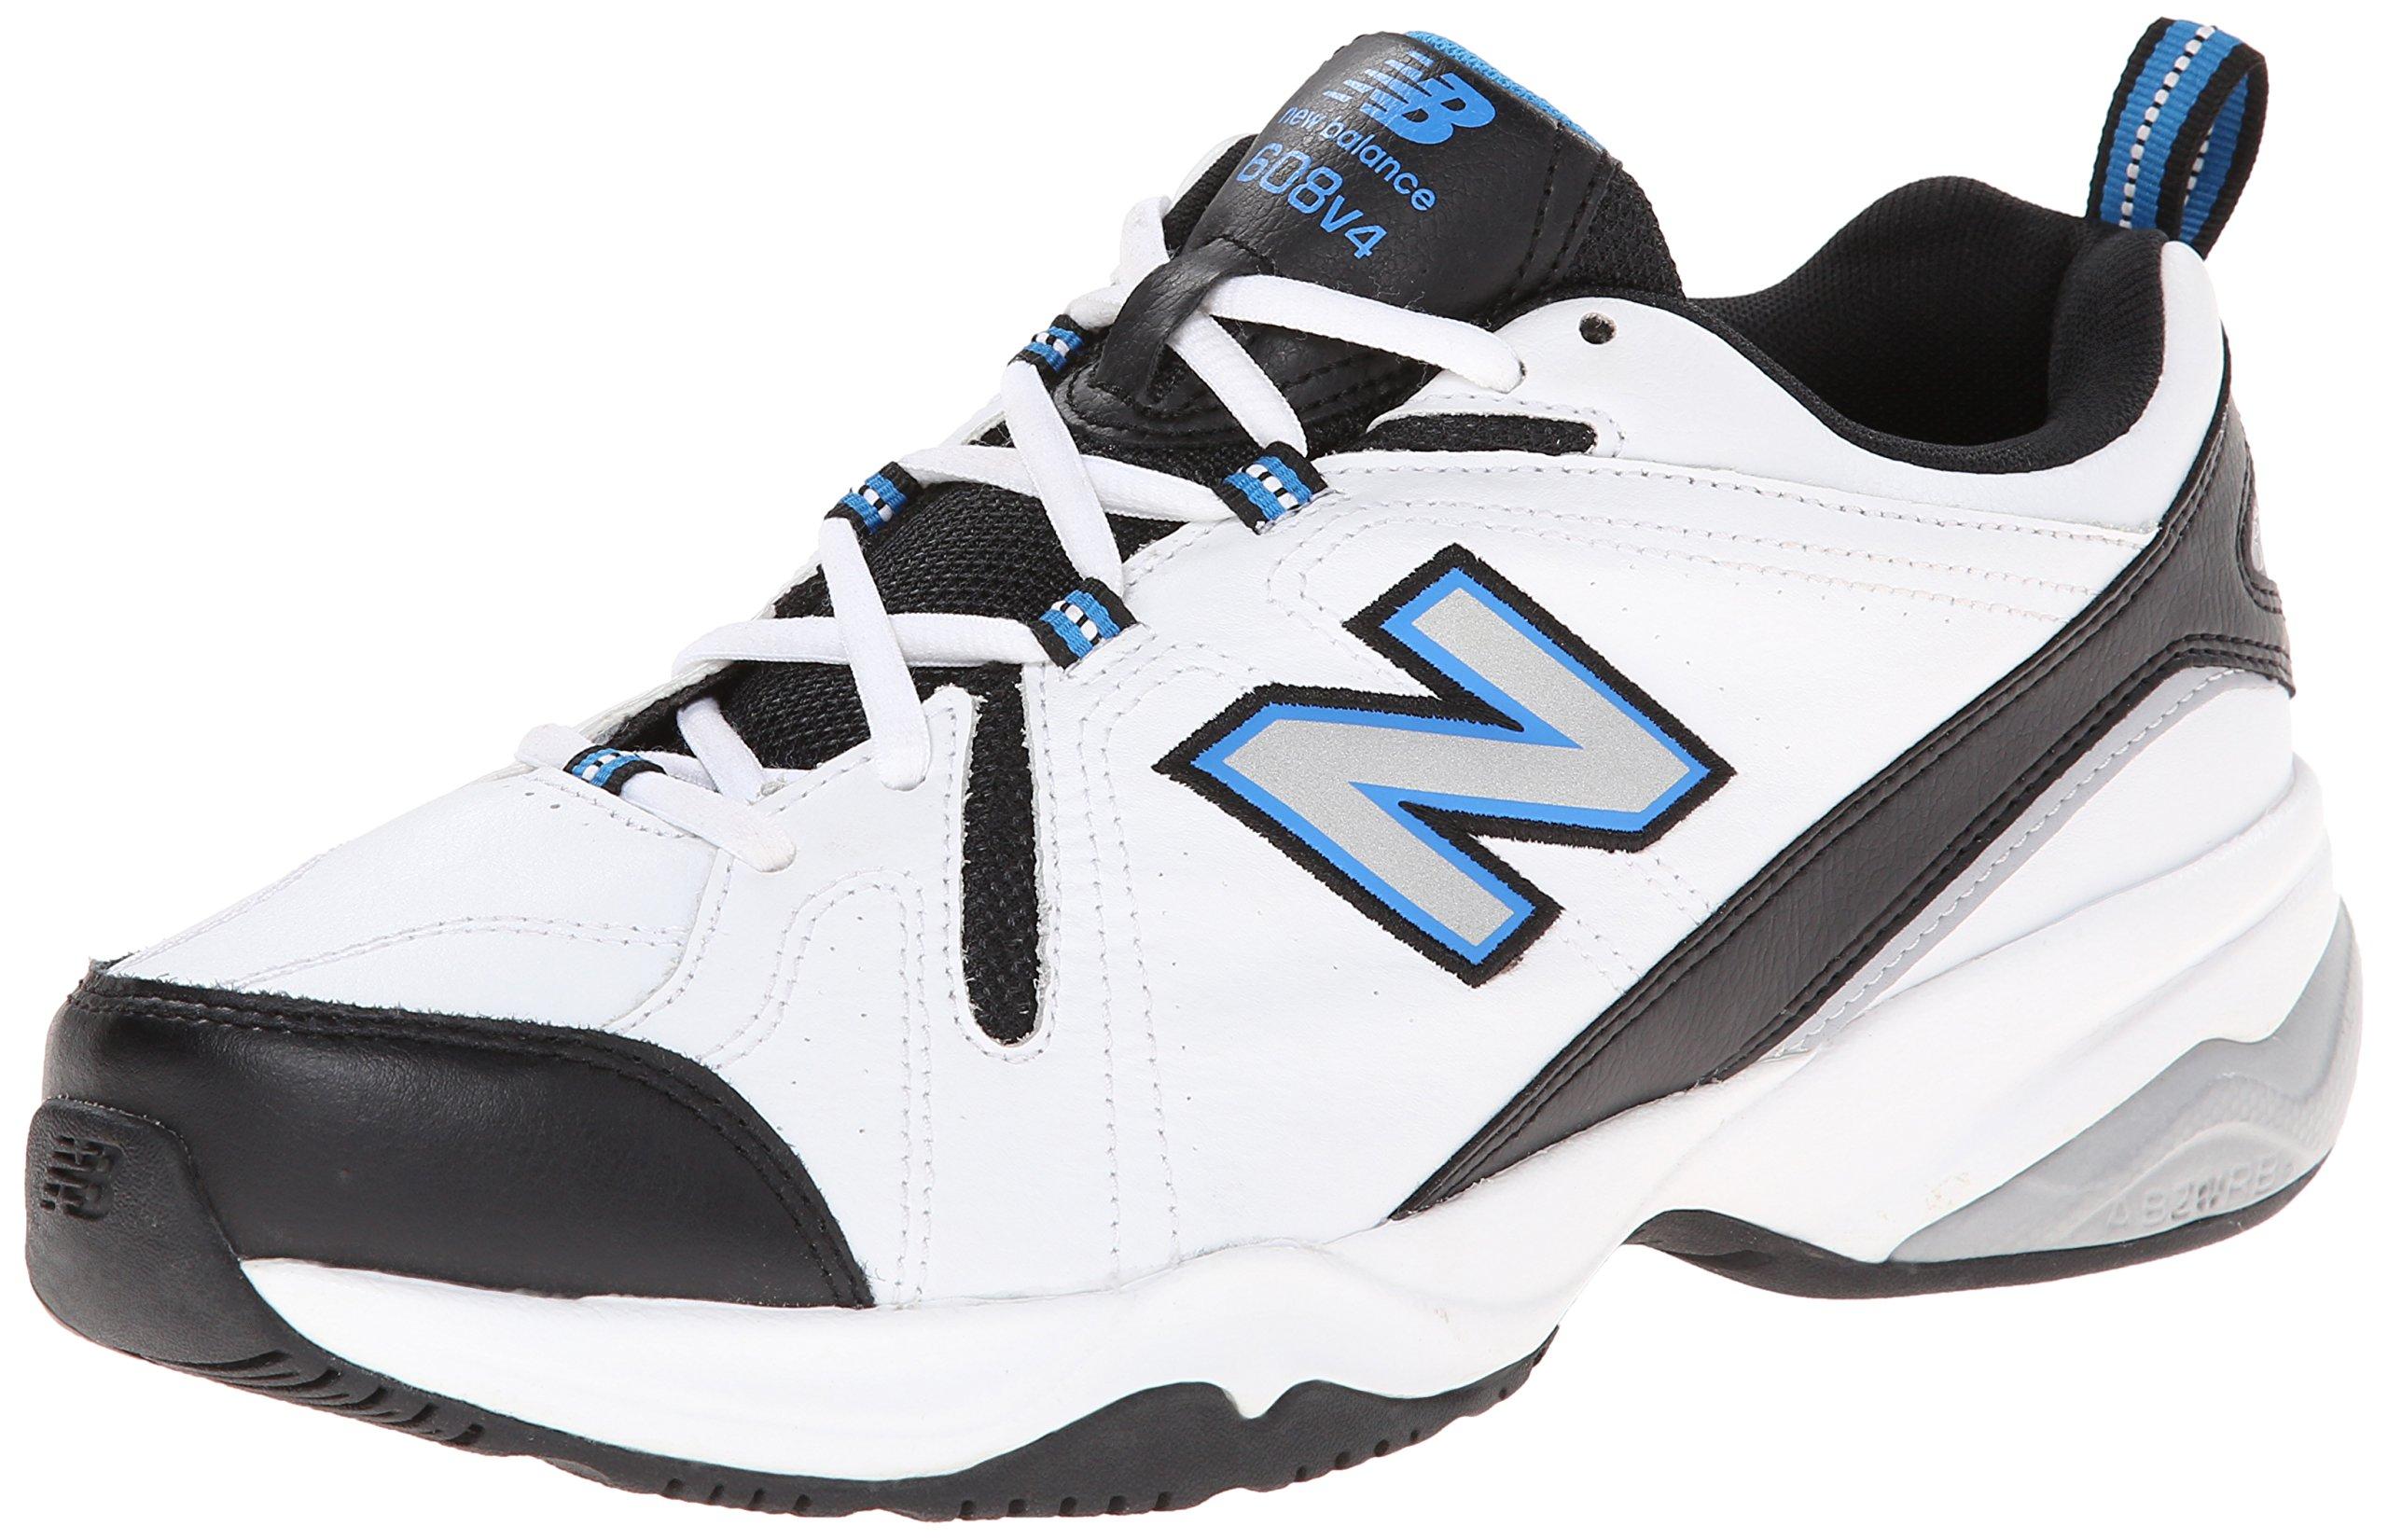 New Balance Men's MX608v4 Training Shoe, White/Royal, 7 D US